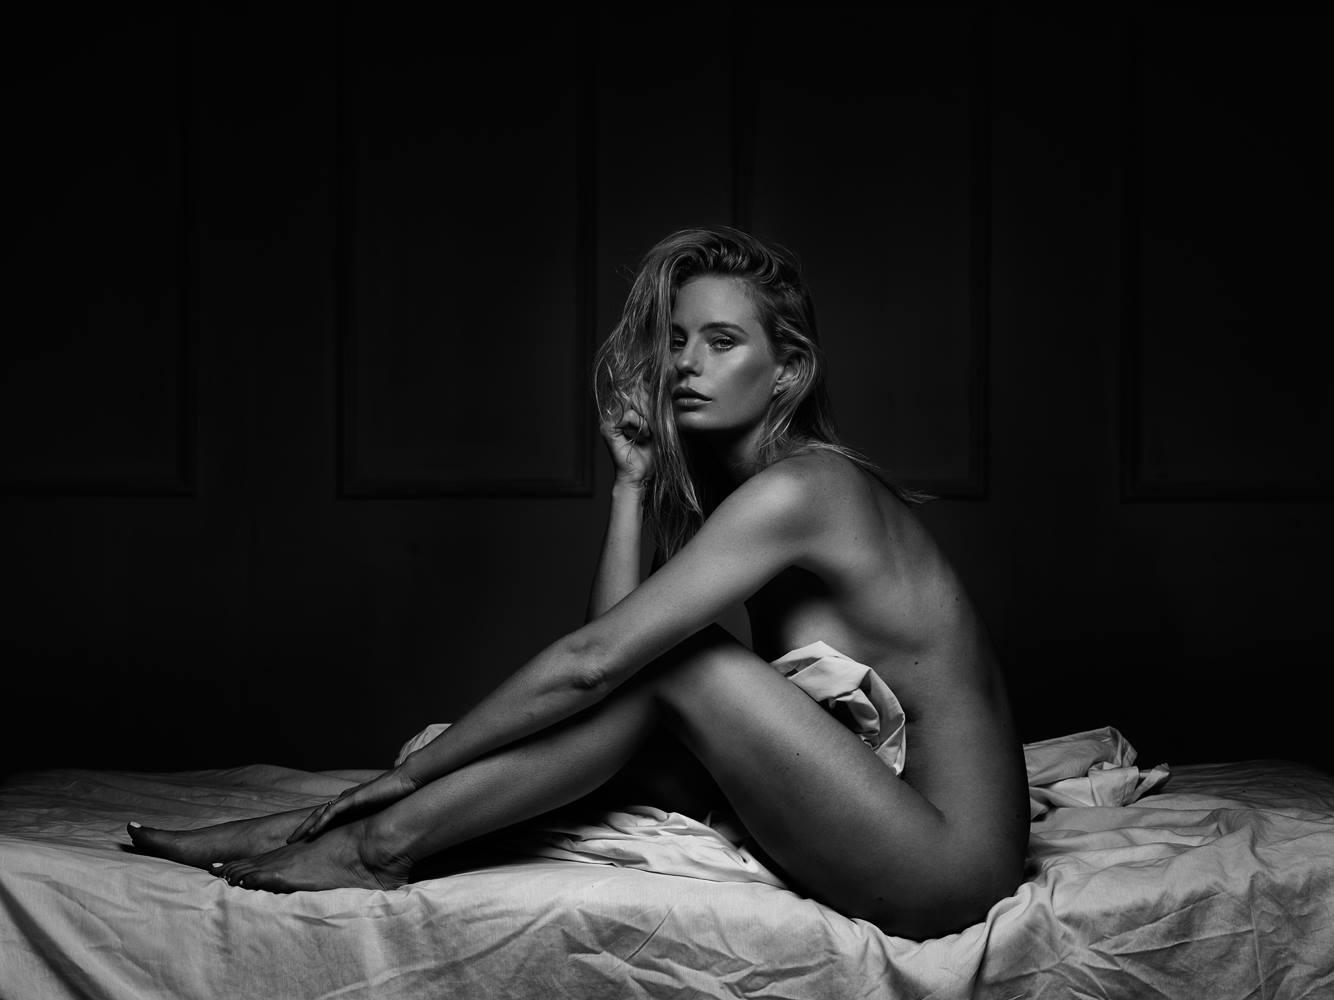 Чувственные фото девушек от Питера Коулсона